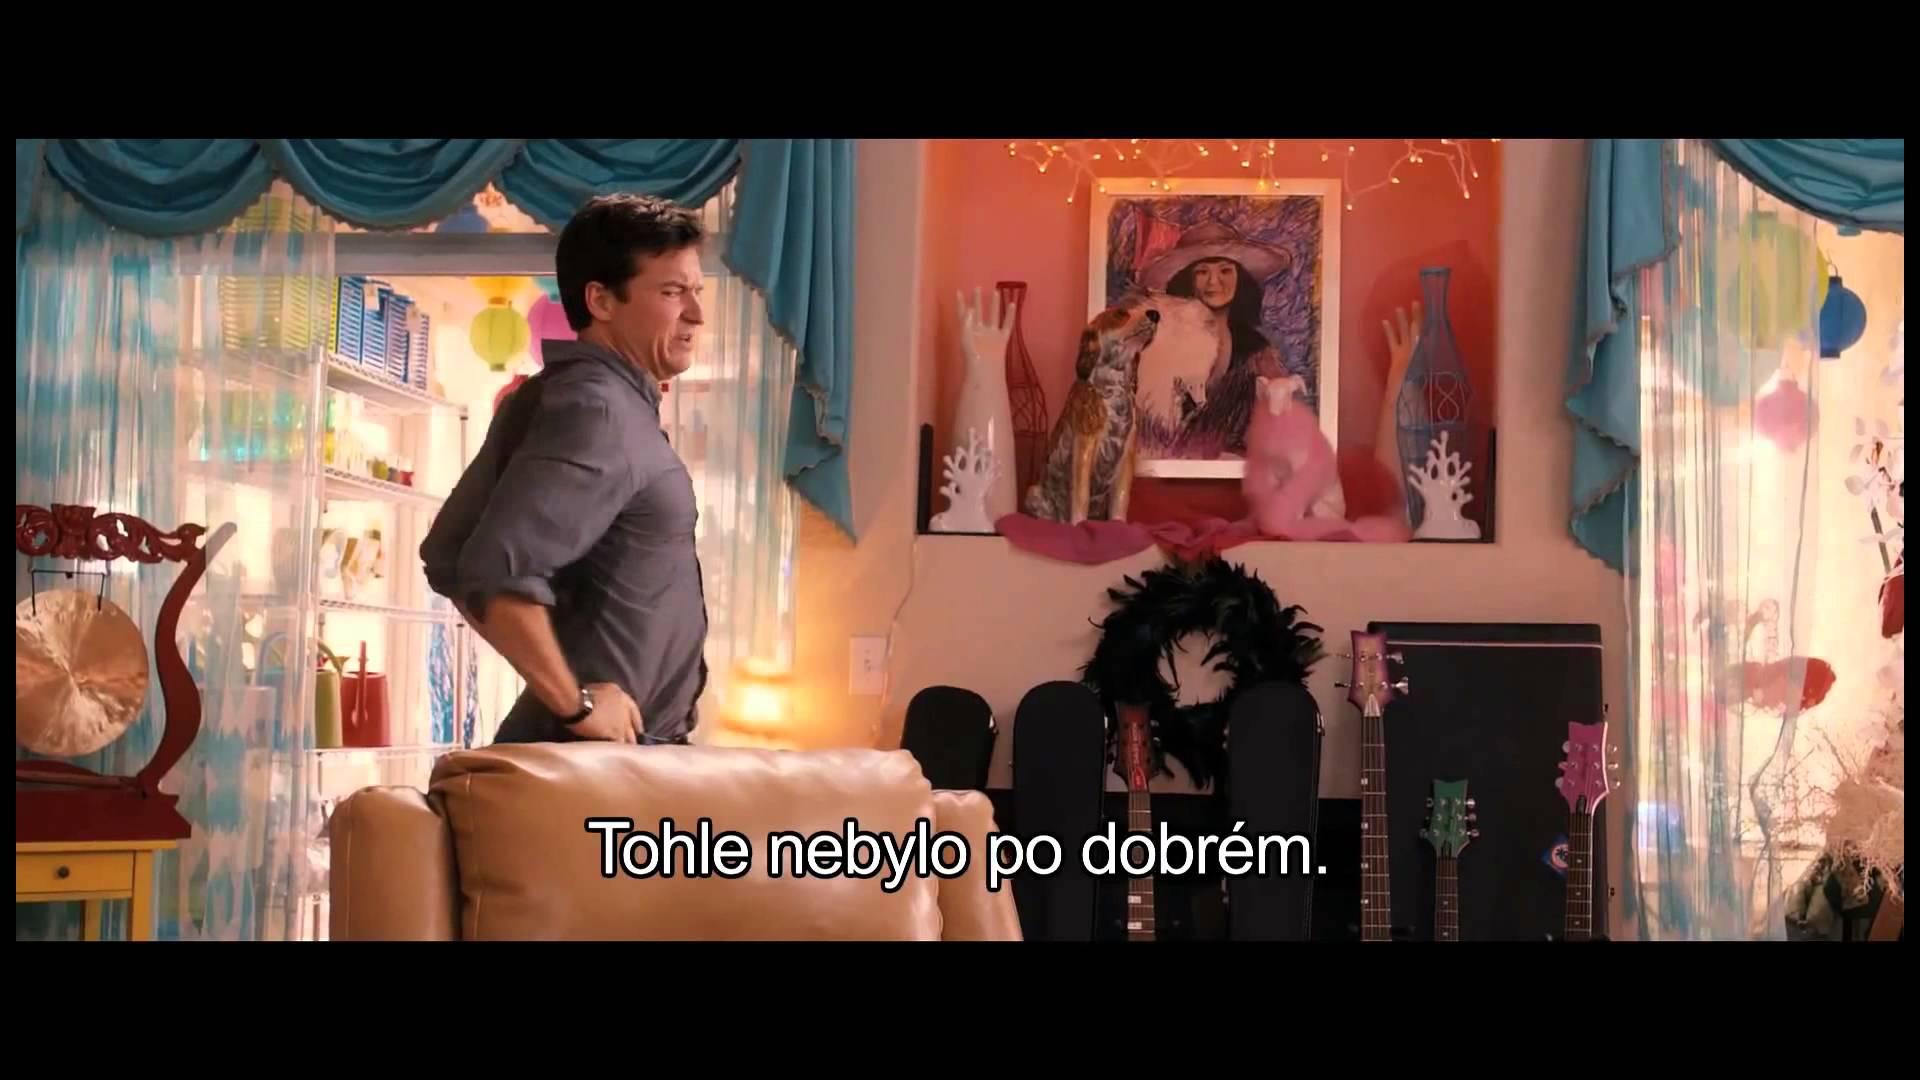 Z cizího krev neteče / Identity Thief (2013) CZ trailer